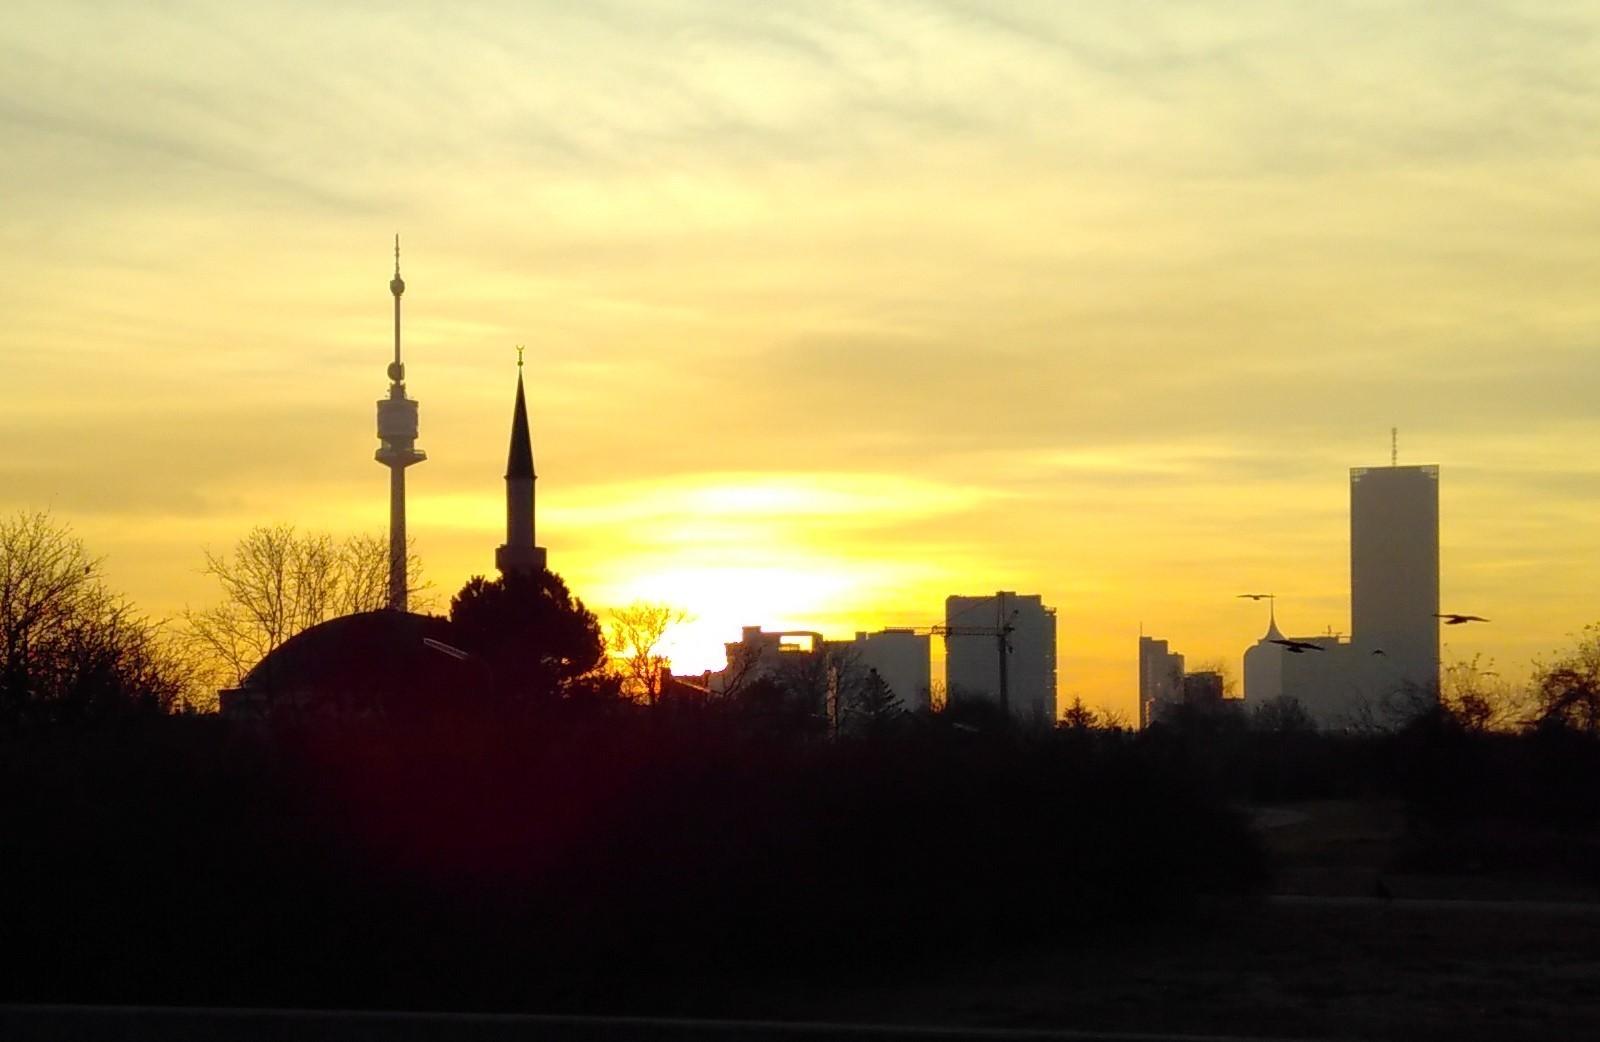 Wien minarett